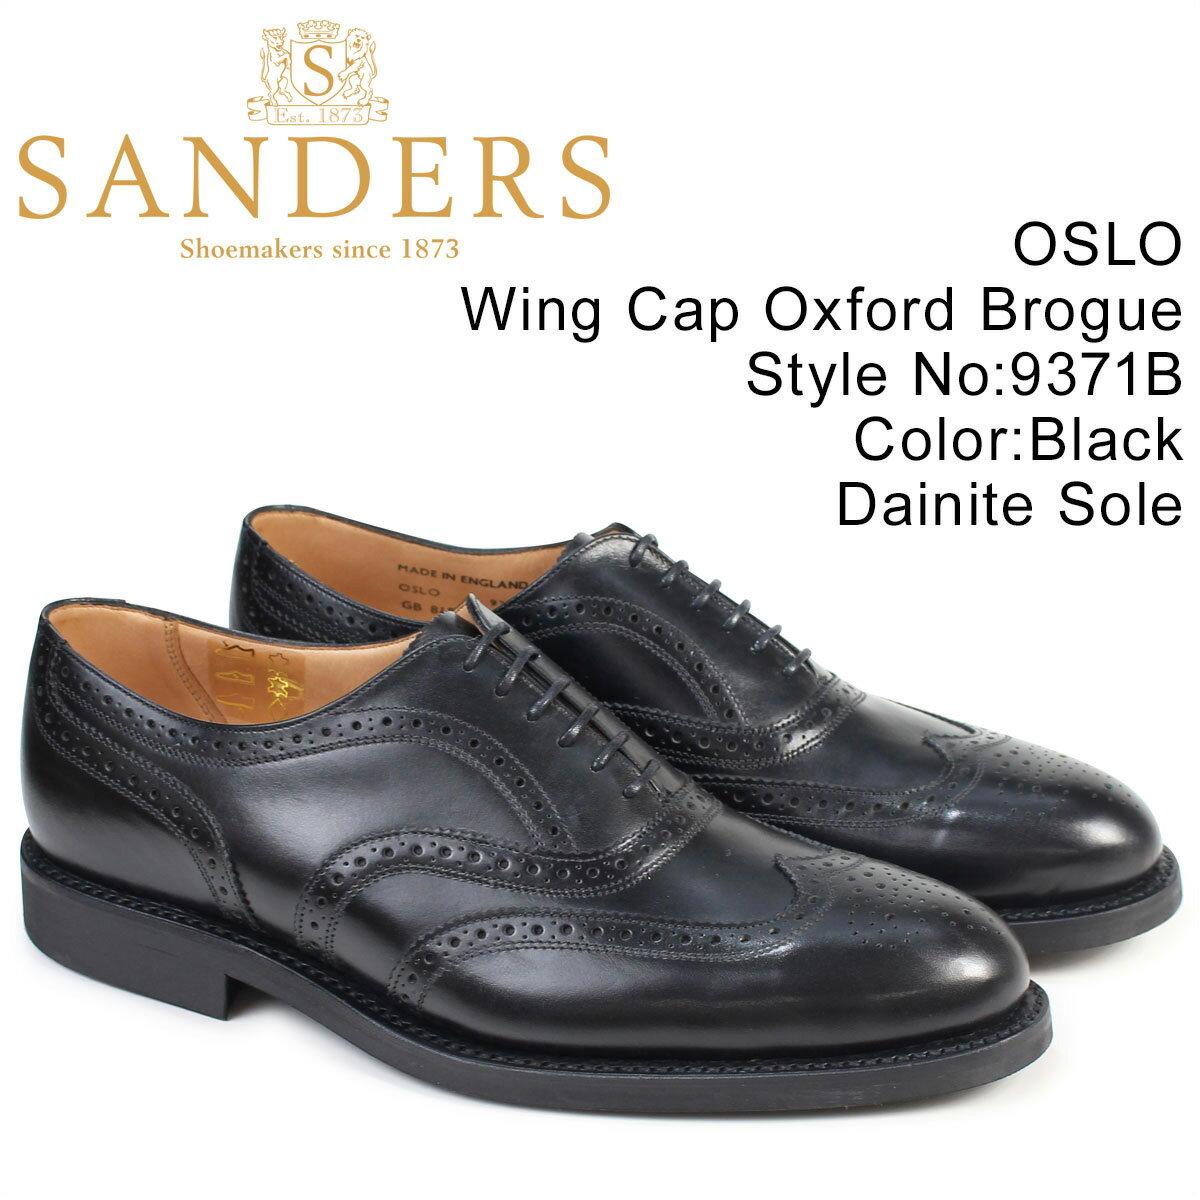 メンズ靴, ビジネスシューズ SANDERS OSLO 9371B